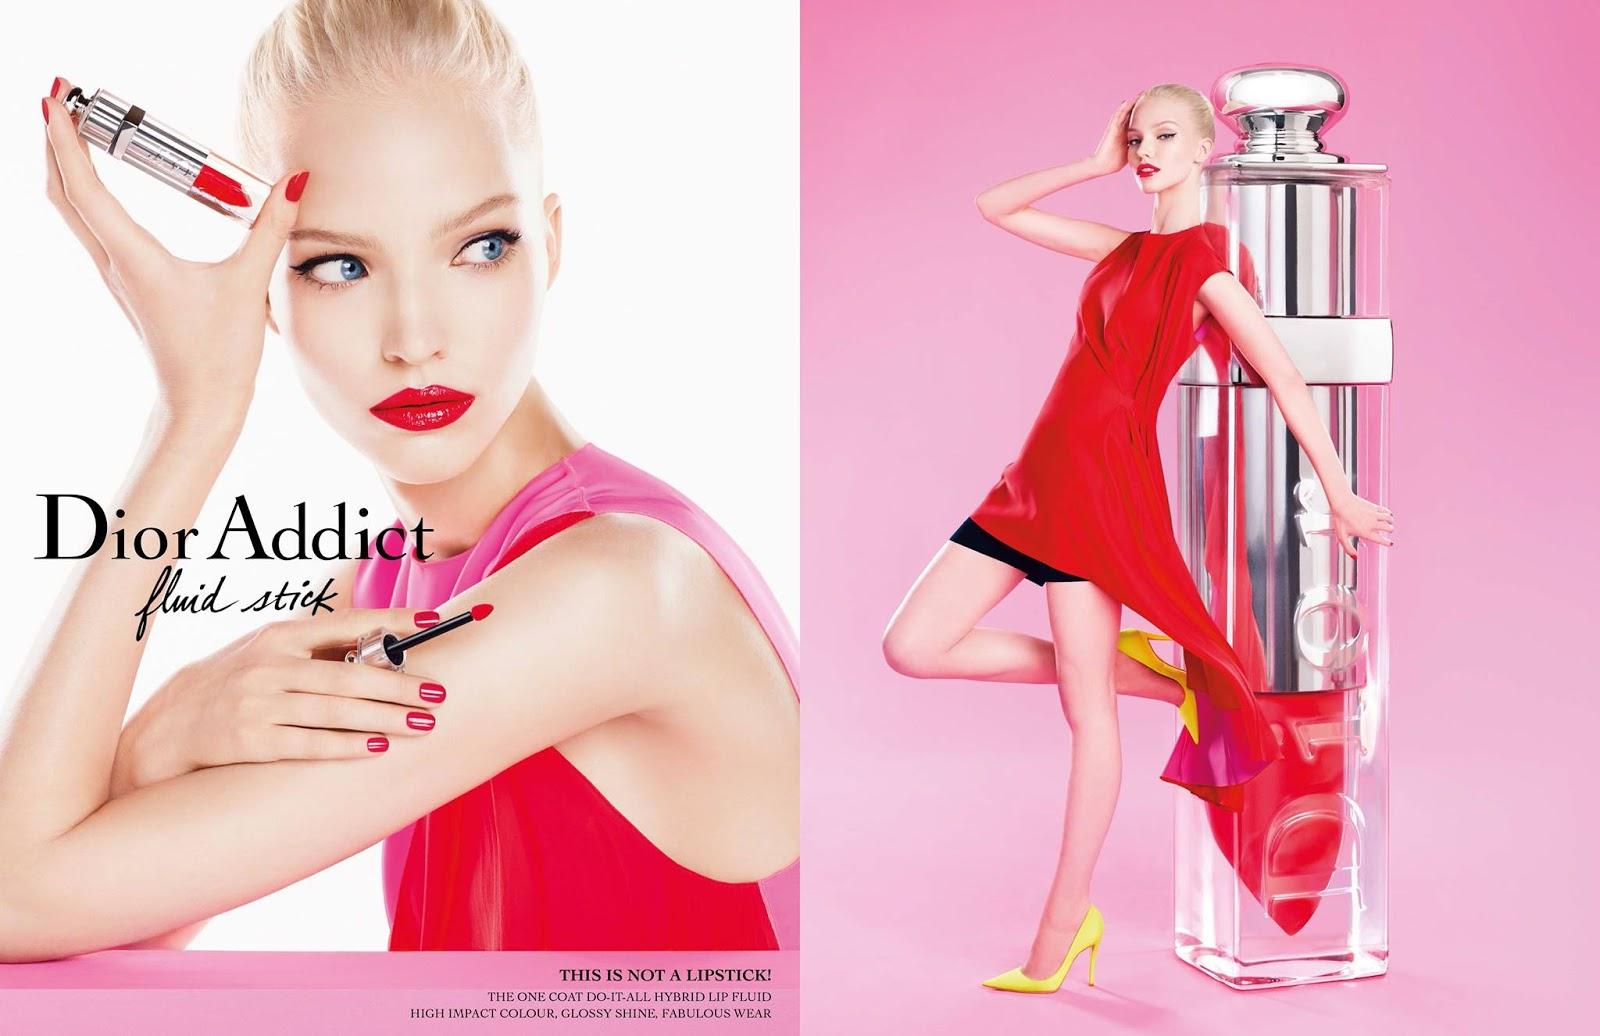 Новинка для губ: Dior Addict fluid stick 754 Pandore